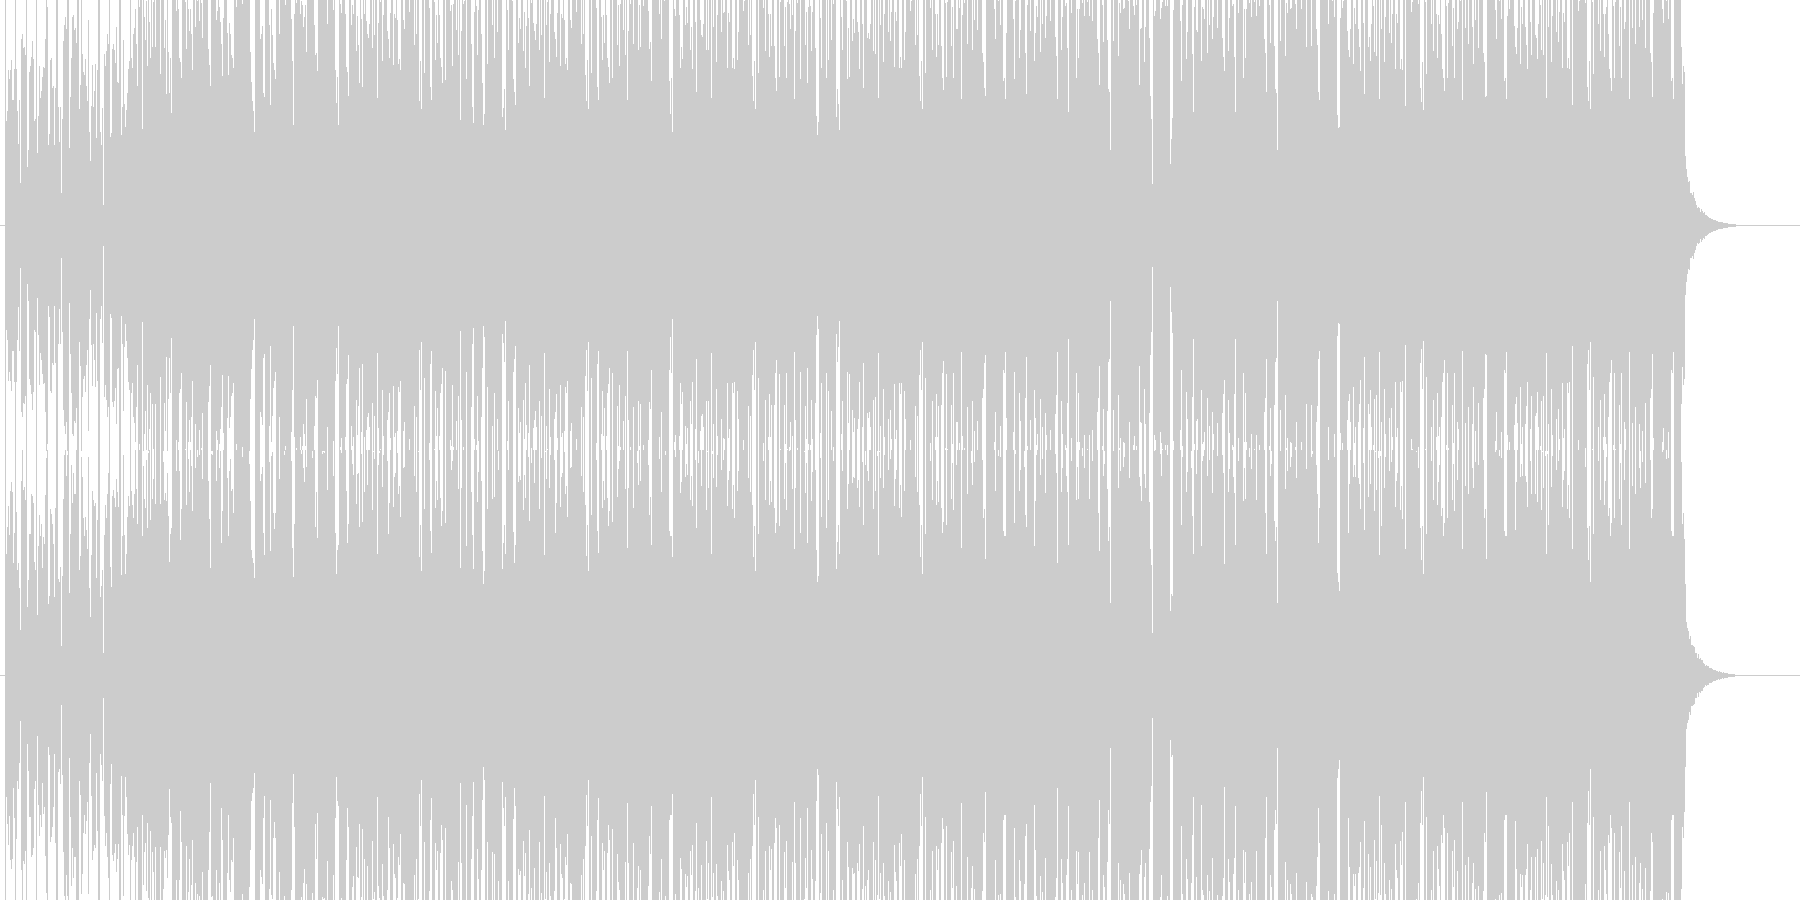 アニメや映像系に合うハウスの未再生の波形